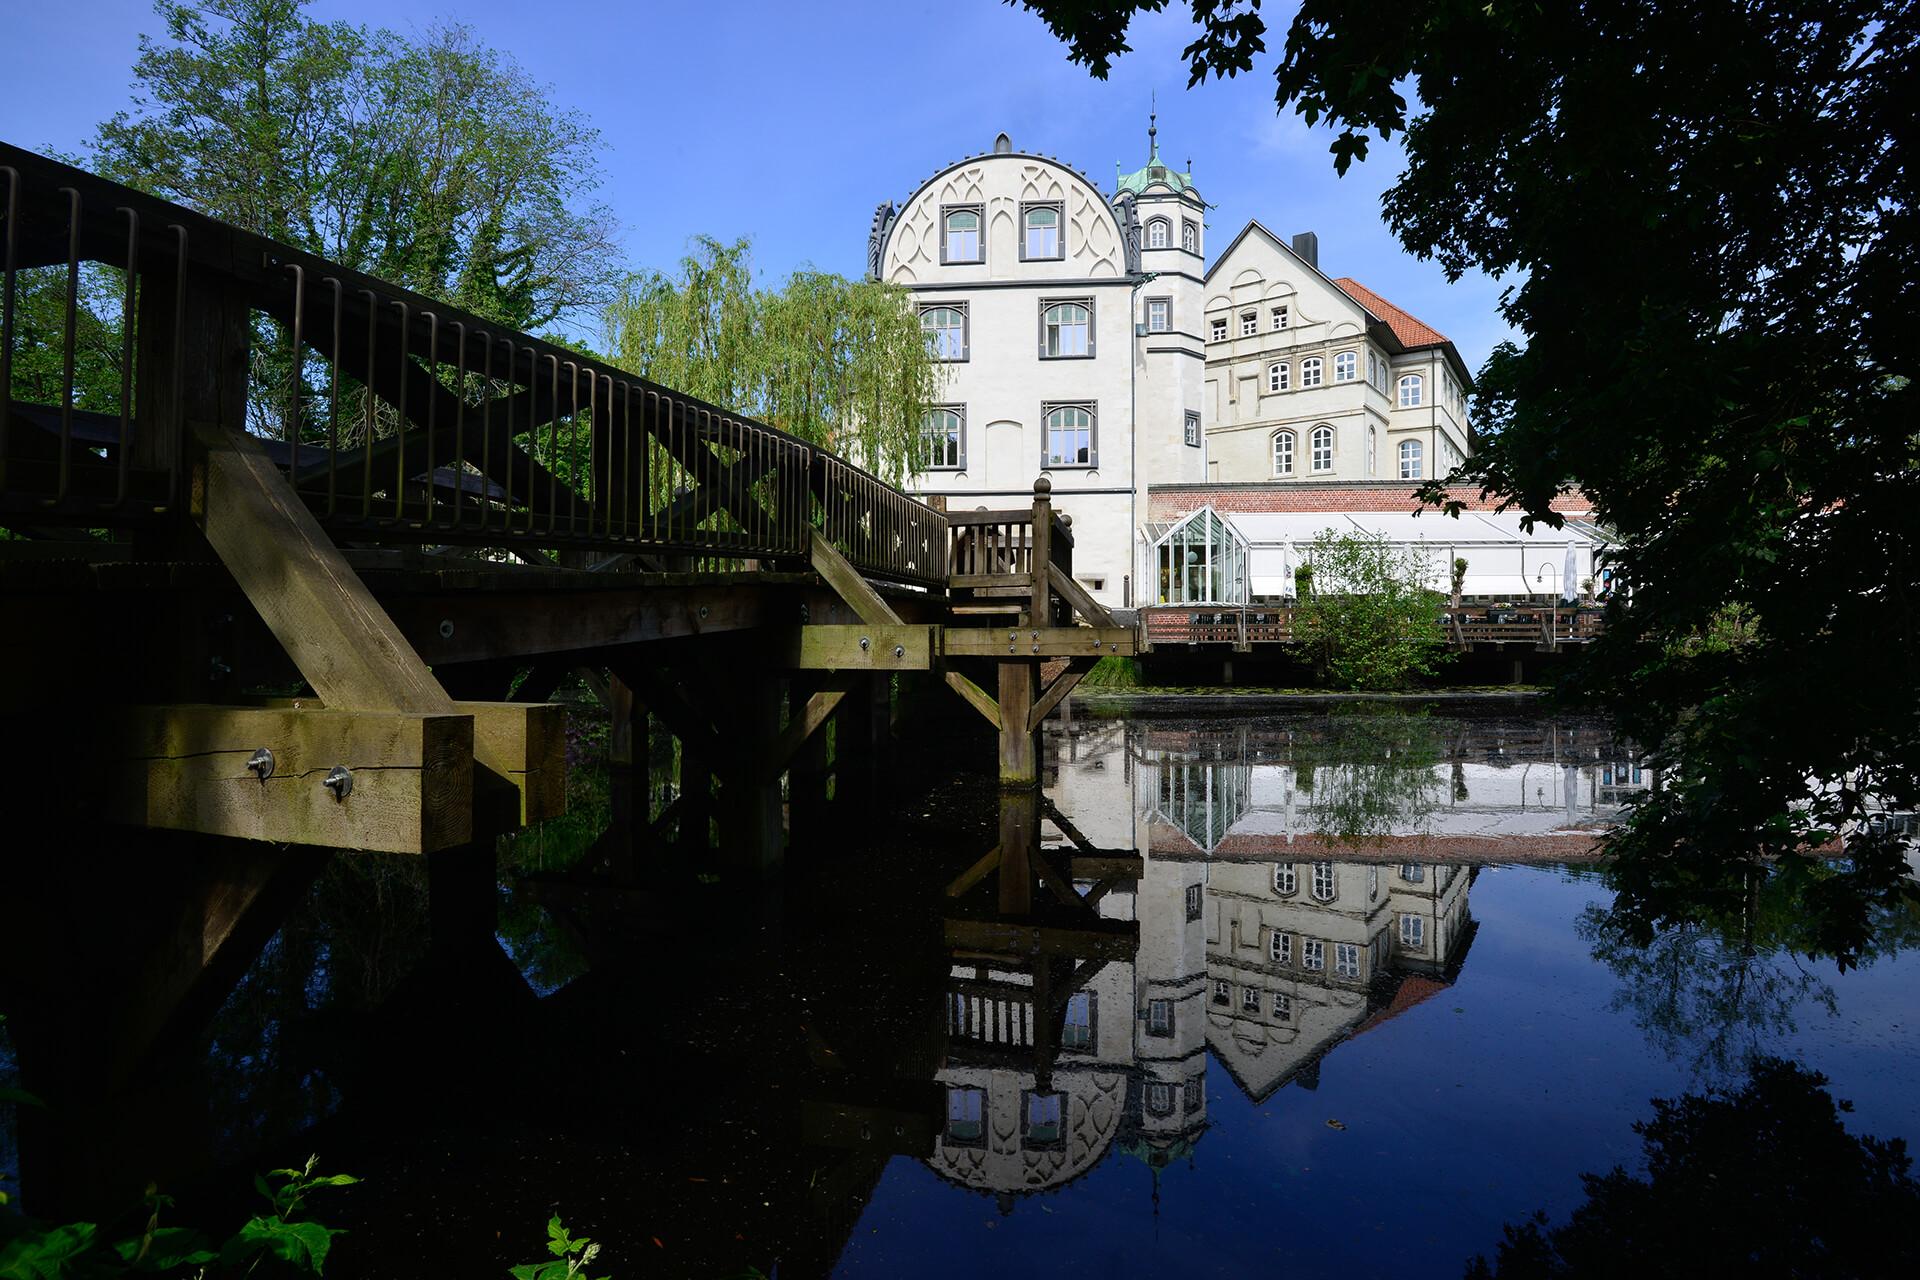 Blick auf das Gifhorner Schloss